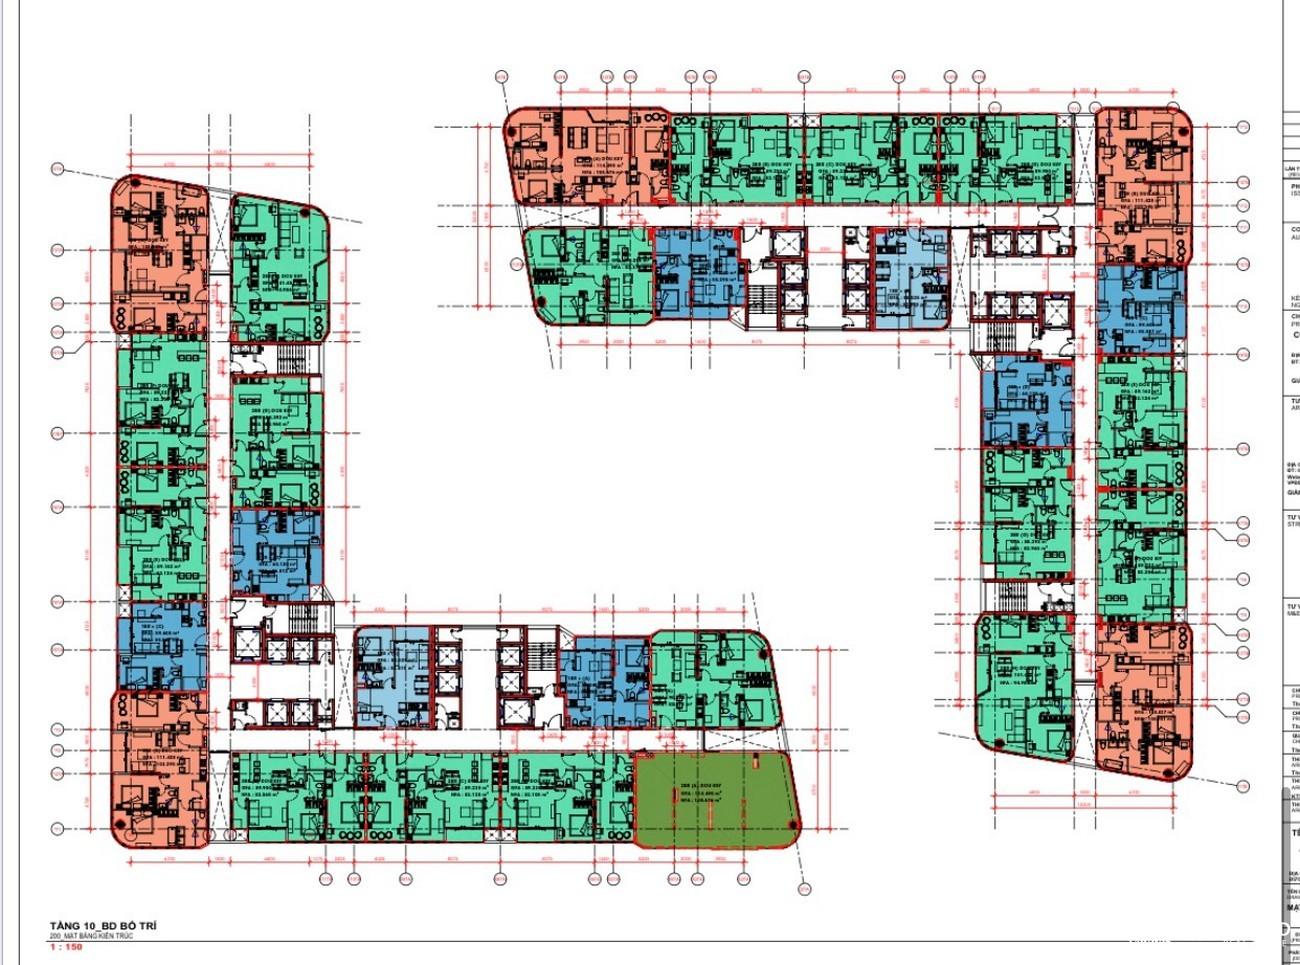 Mặt bằng dự án căn hộ chung cư King Crown City Thủ Đức